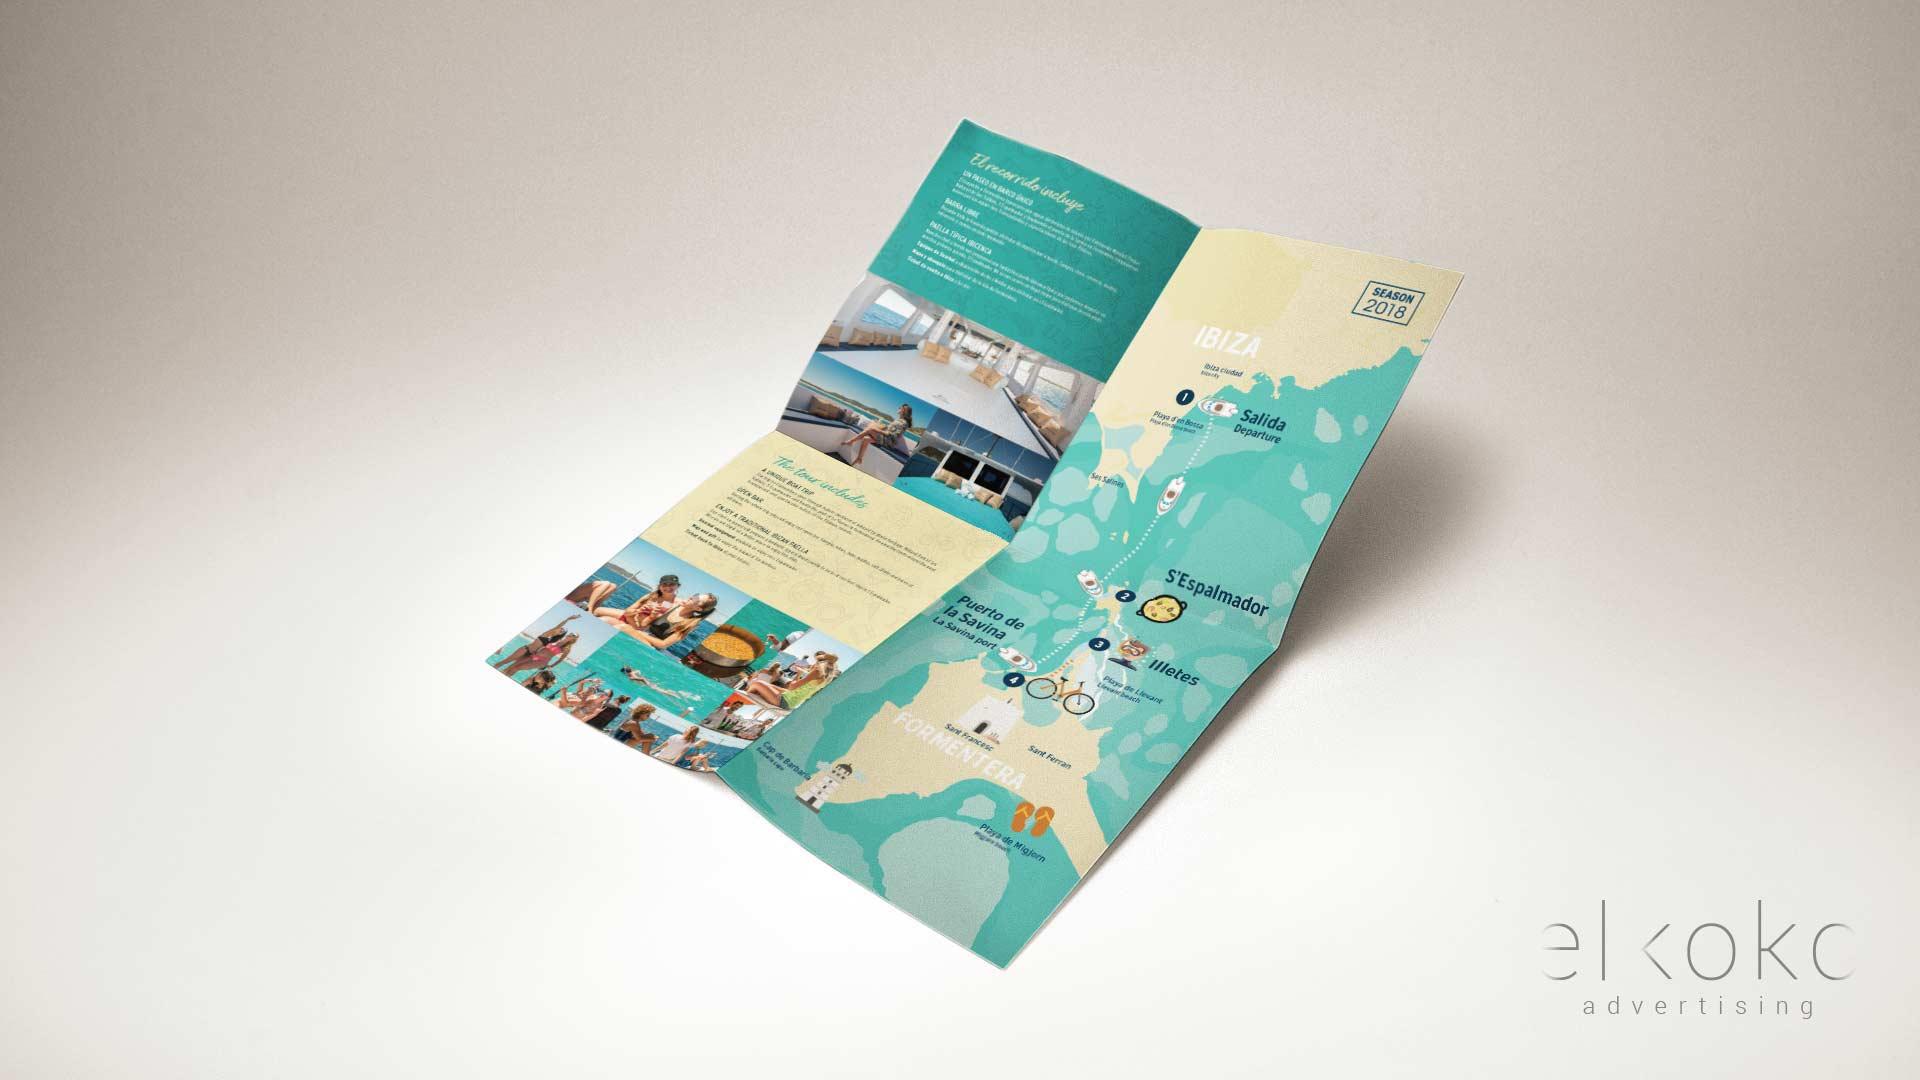 diseño de flyers publicitarios